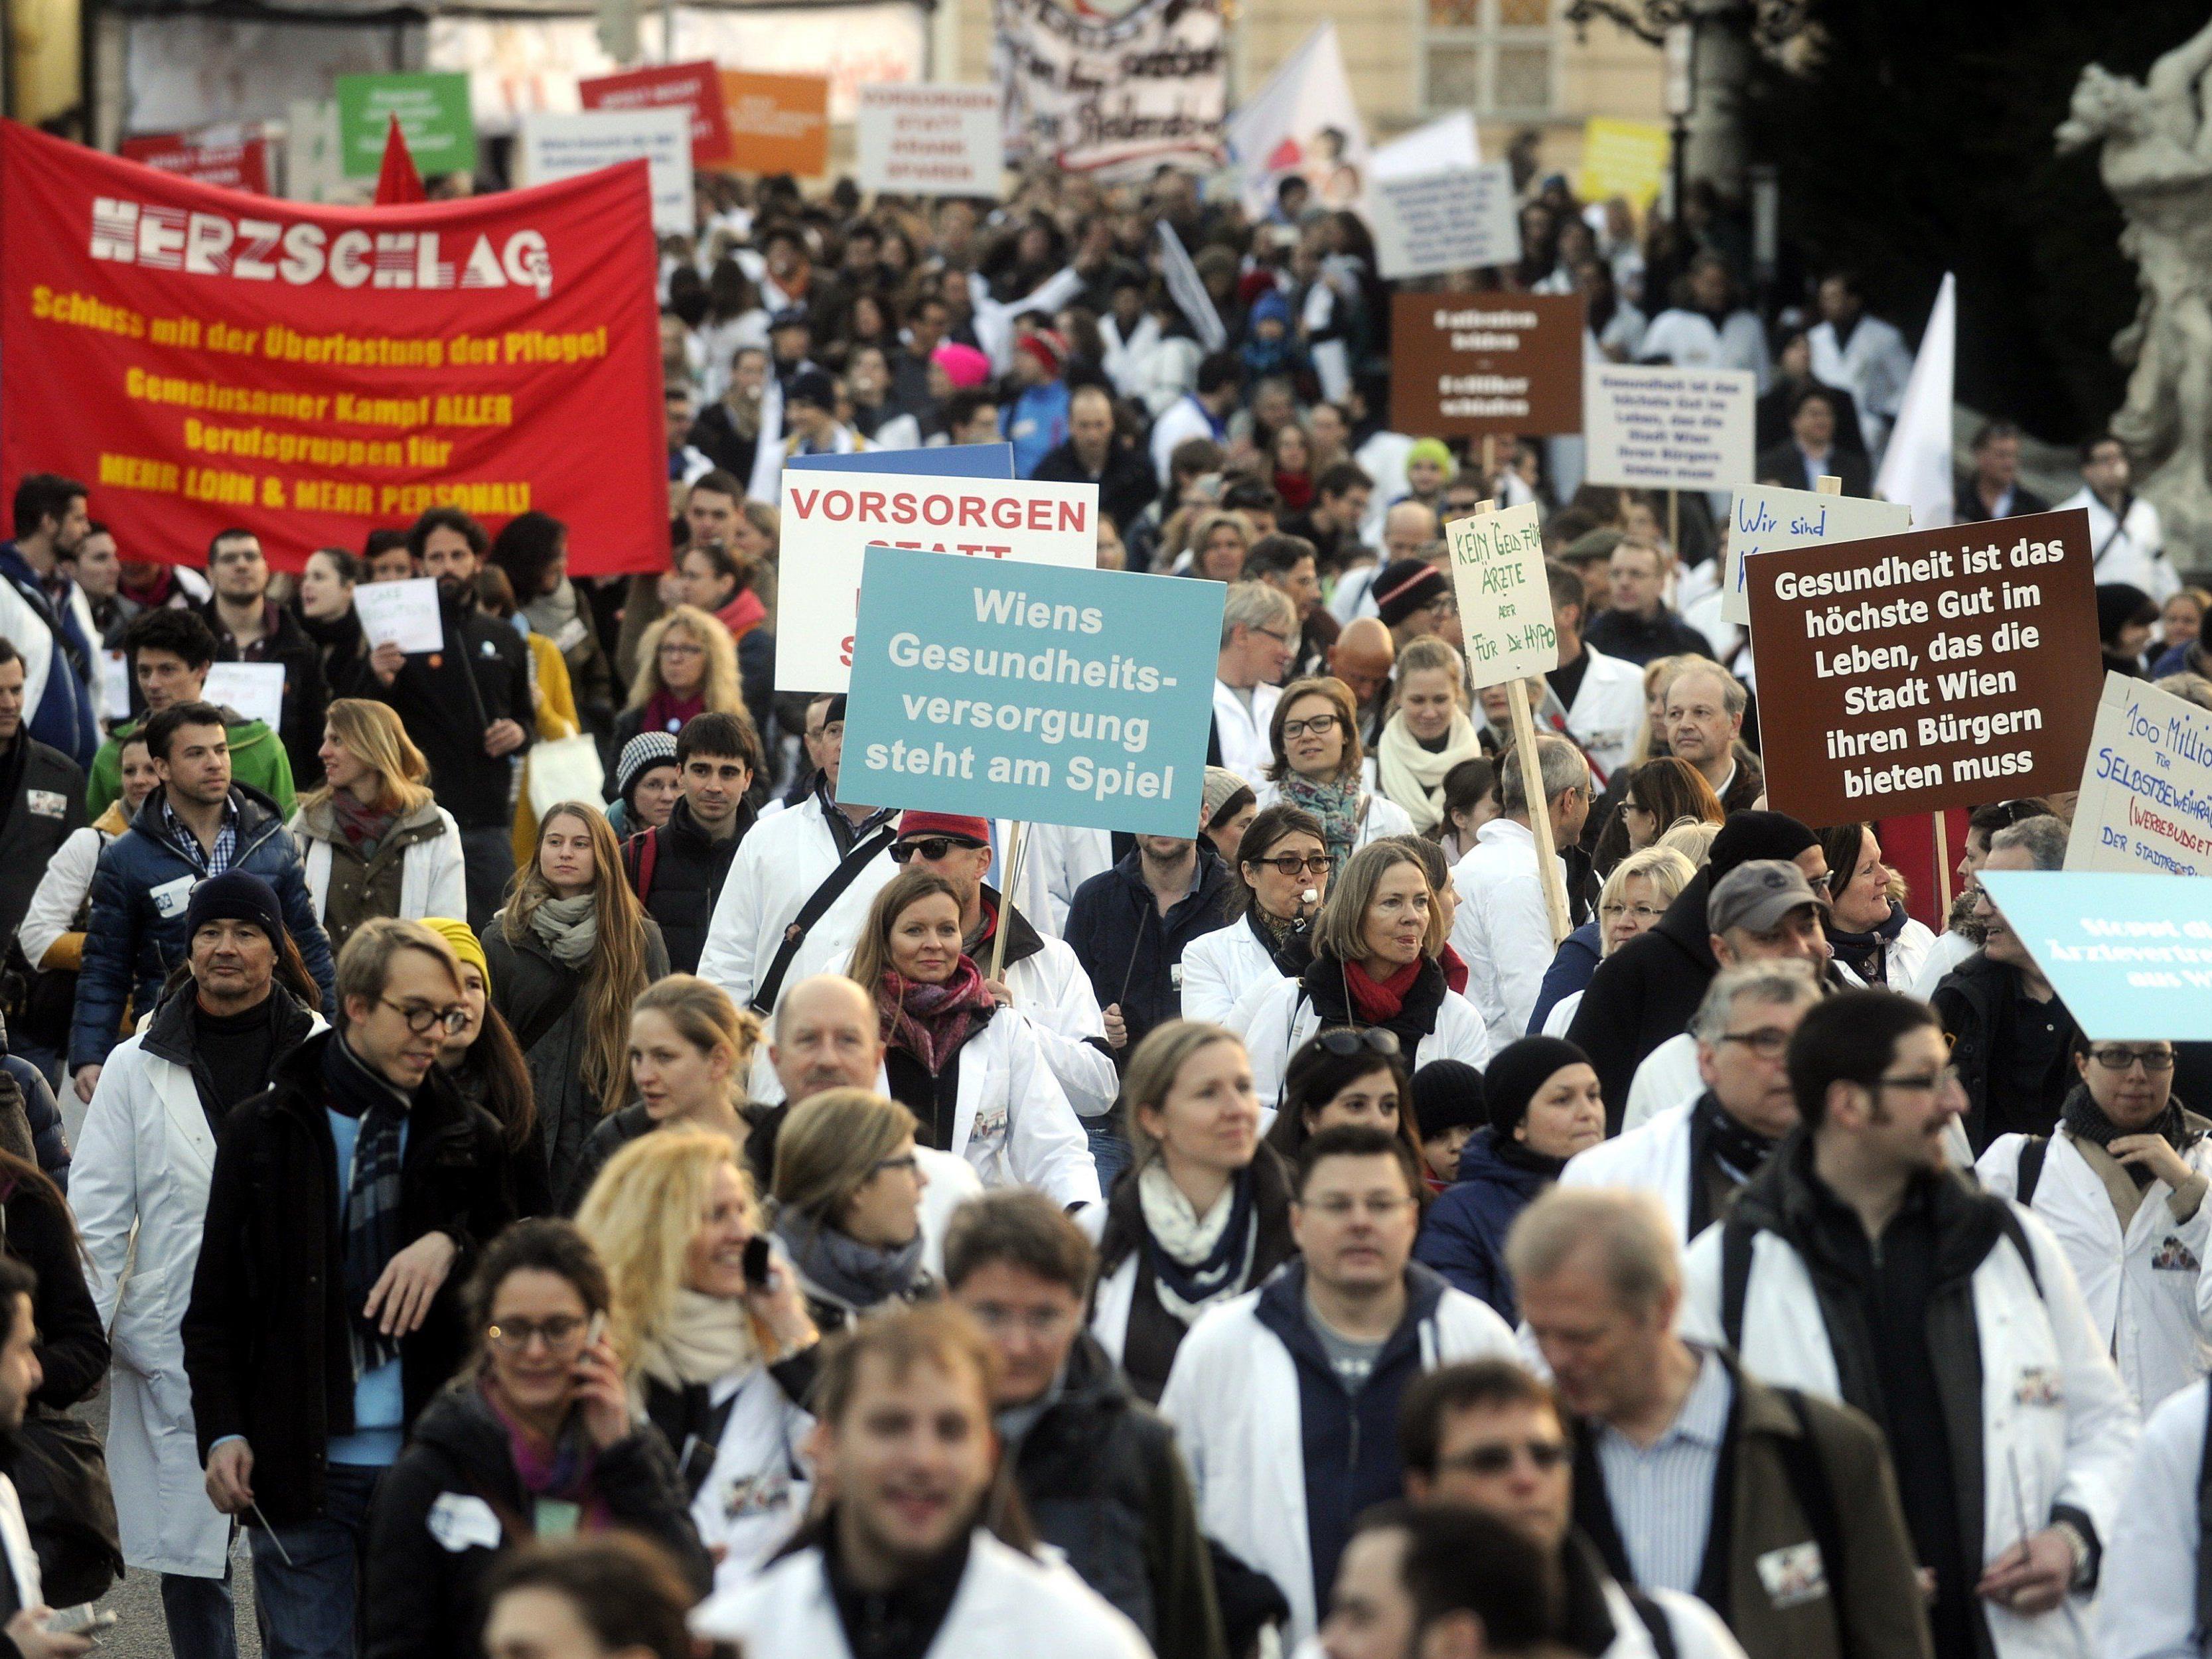 Neues Arbeitszeitgesetz für Spitalsärzte sorgt für Unruhe